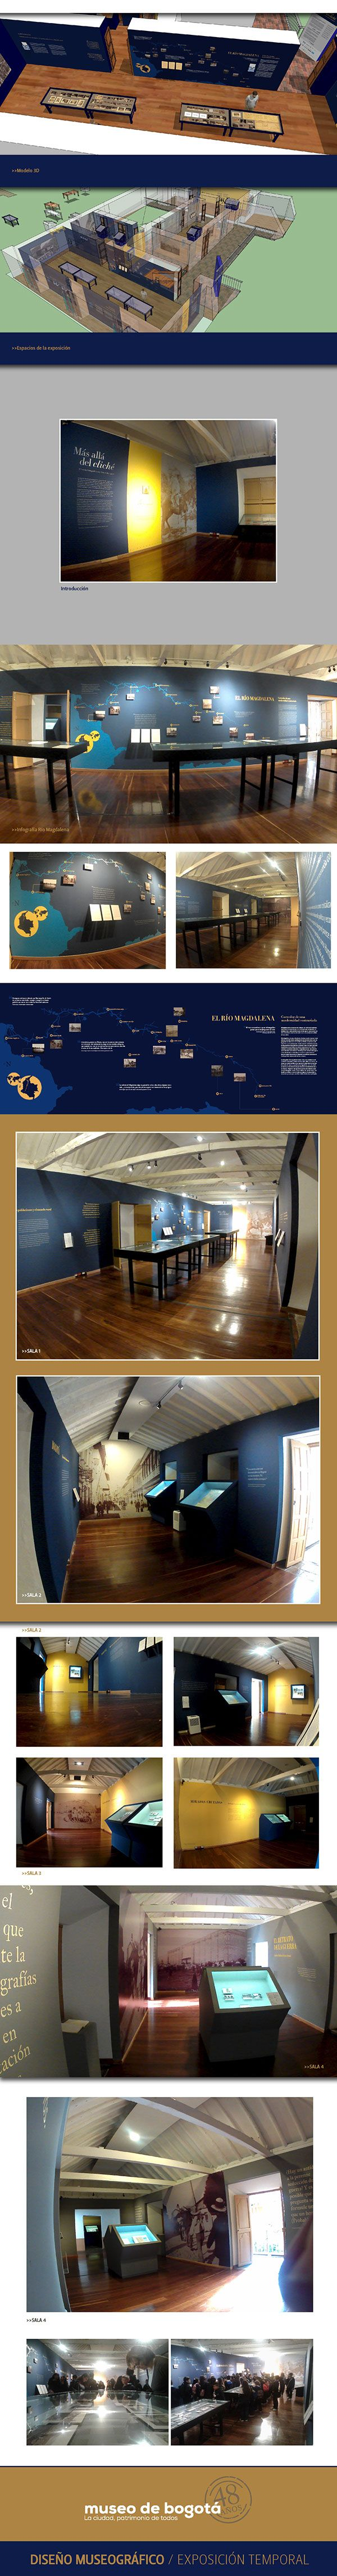 """Diseño museográfico """"Más allá del Cliché"""" Fondo fotográfico de Erns Bourgarel. Museo de Bogotá. museografía"""